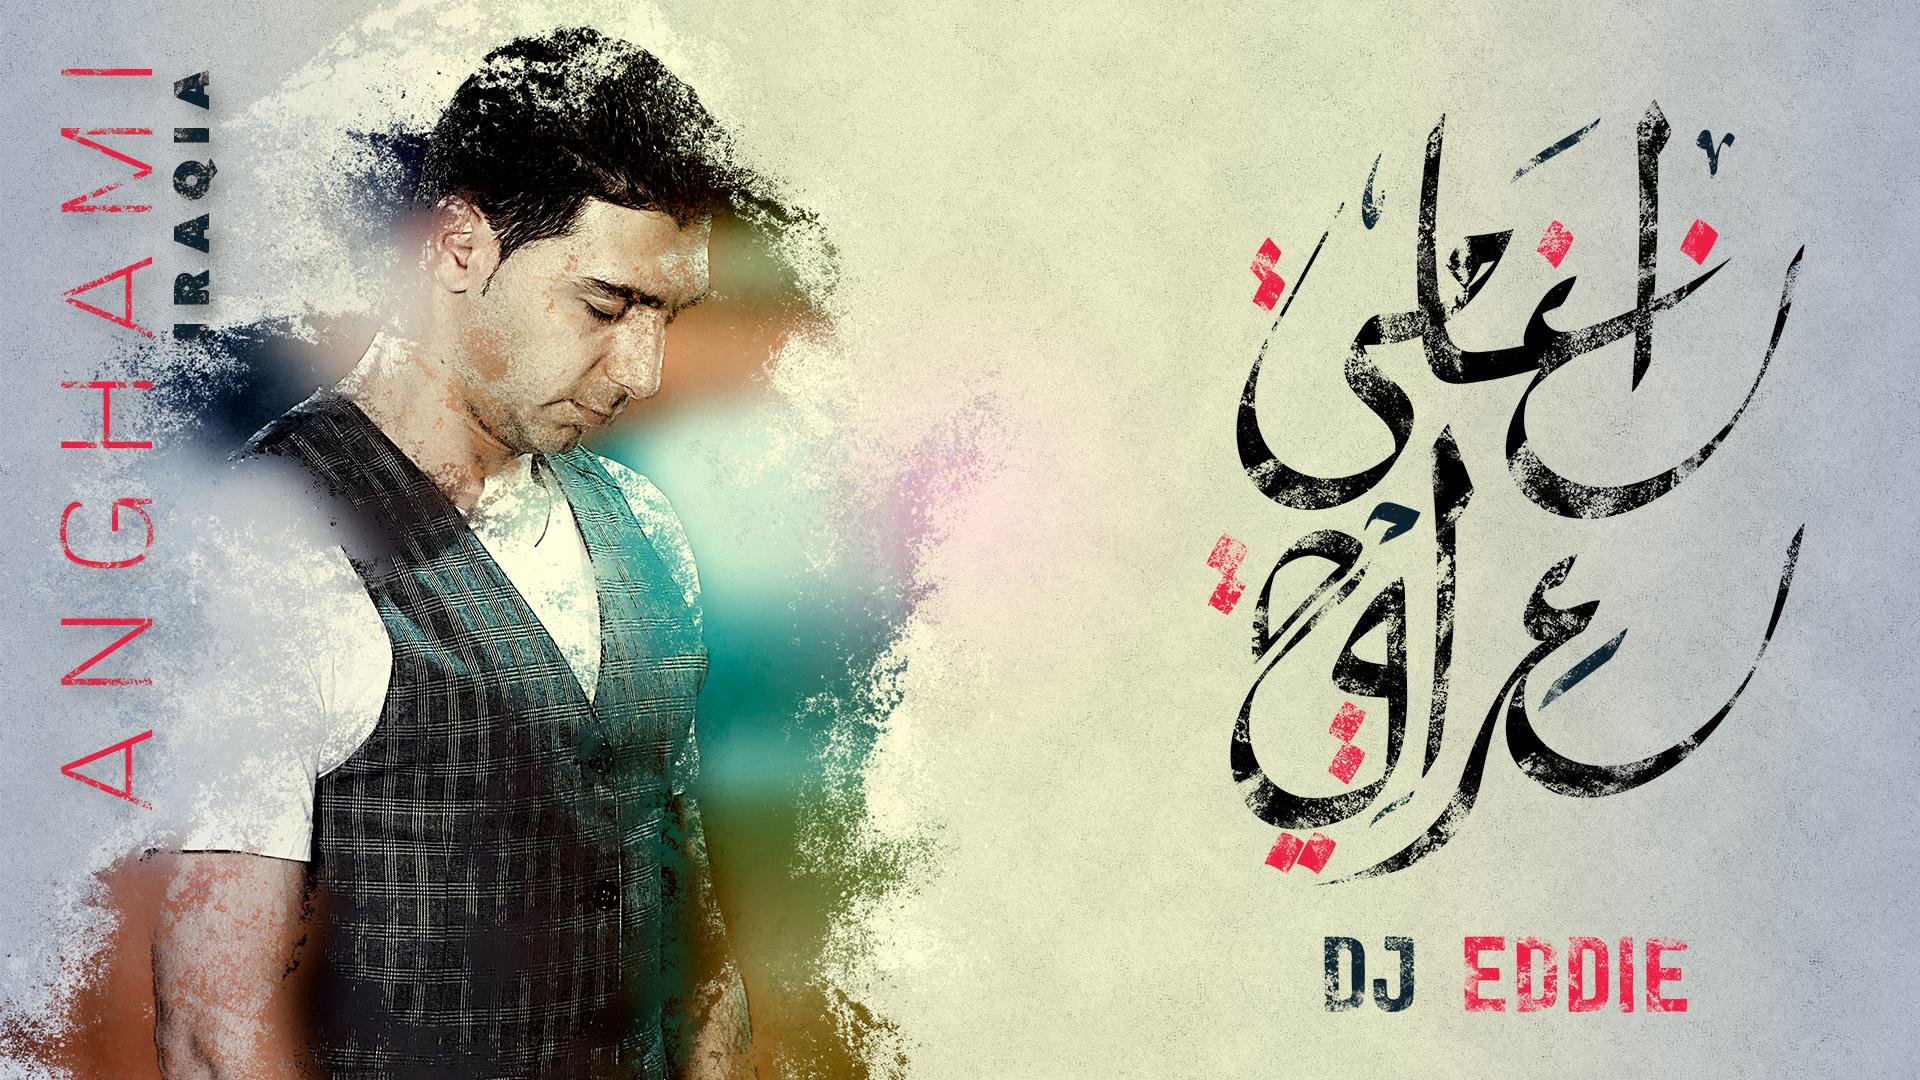 DJ Eddie Anghami Iraqia Mix انغامي عراقية